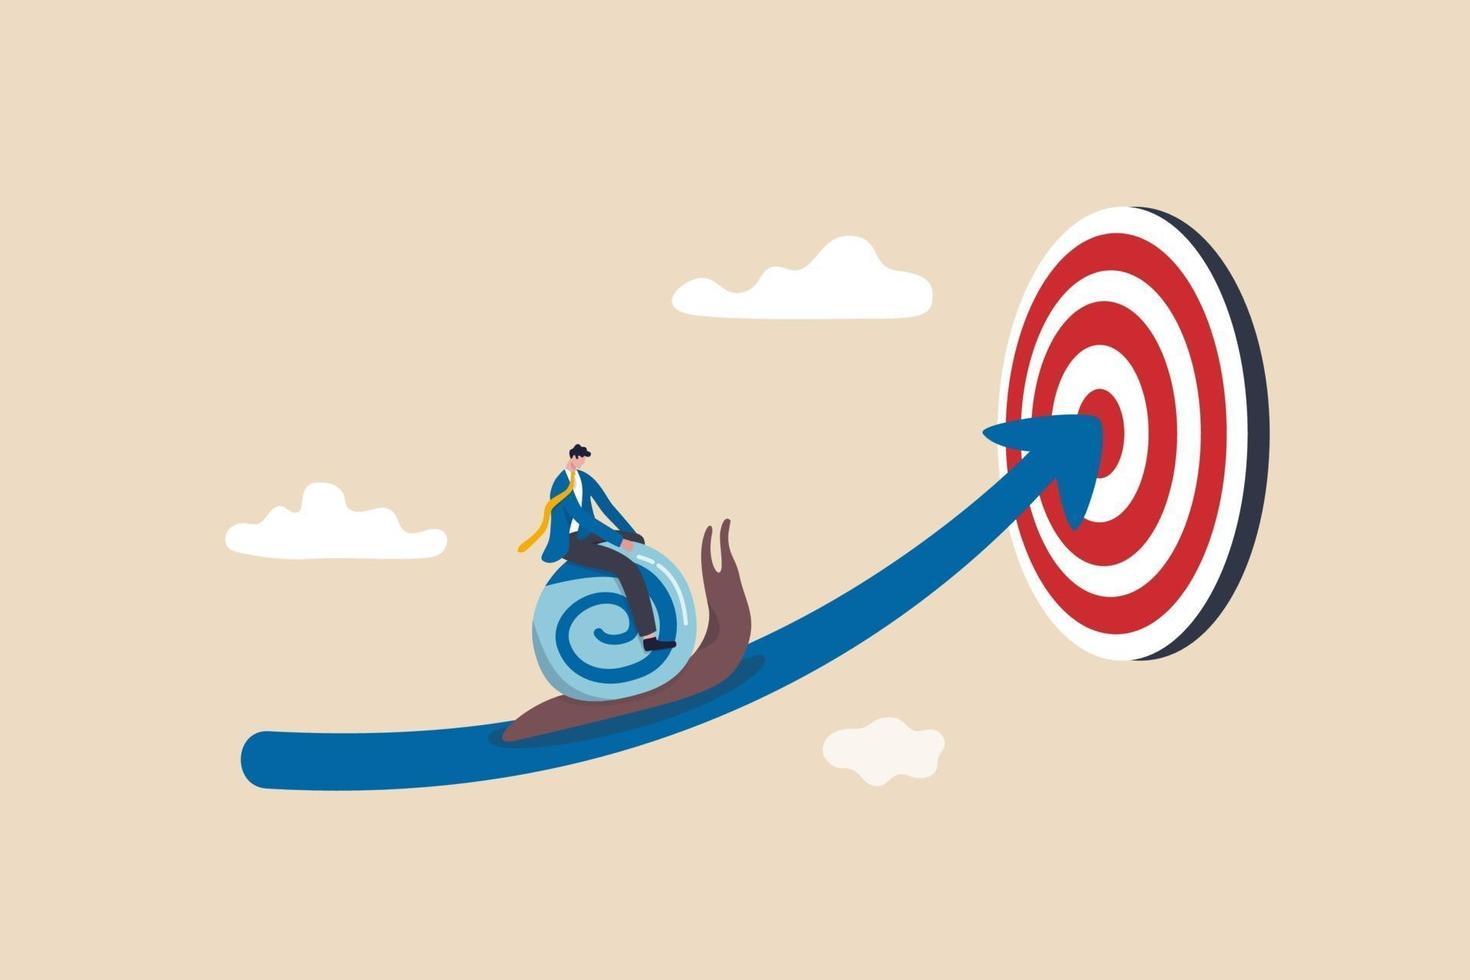 Geschäftsmann reitet Schnecke langsam auf Pfeil, um Ziel zu erreichen vektor